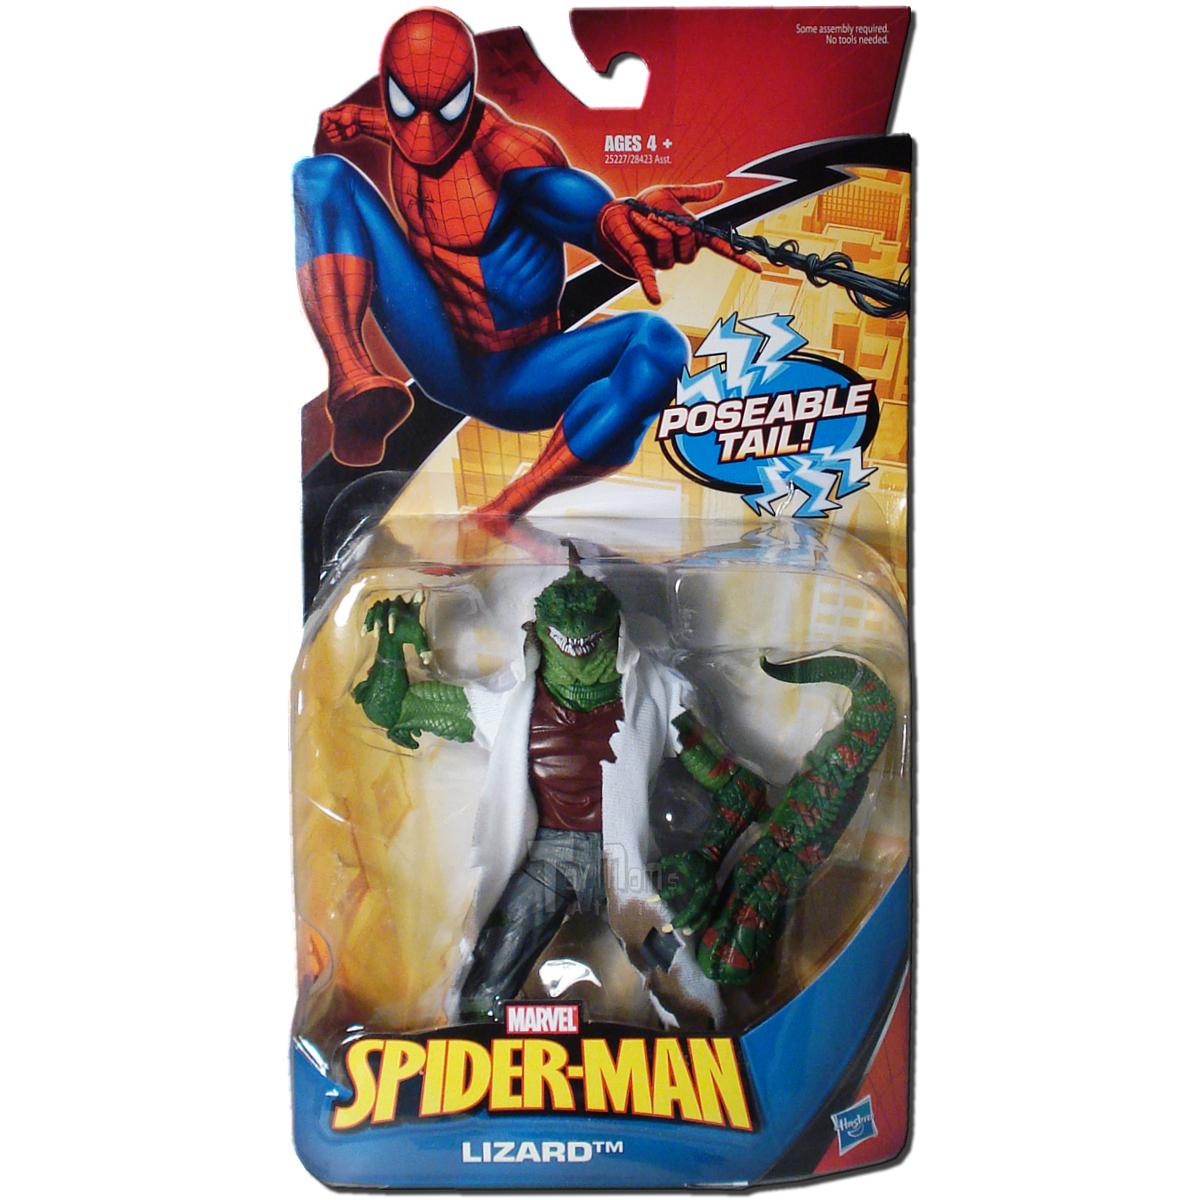 Spider man lizard toy